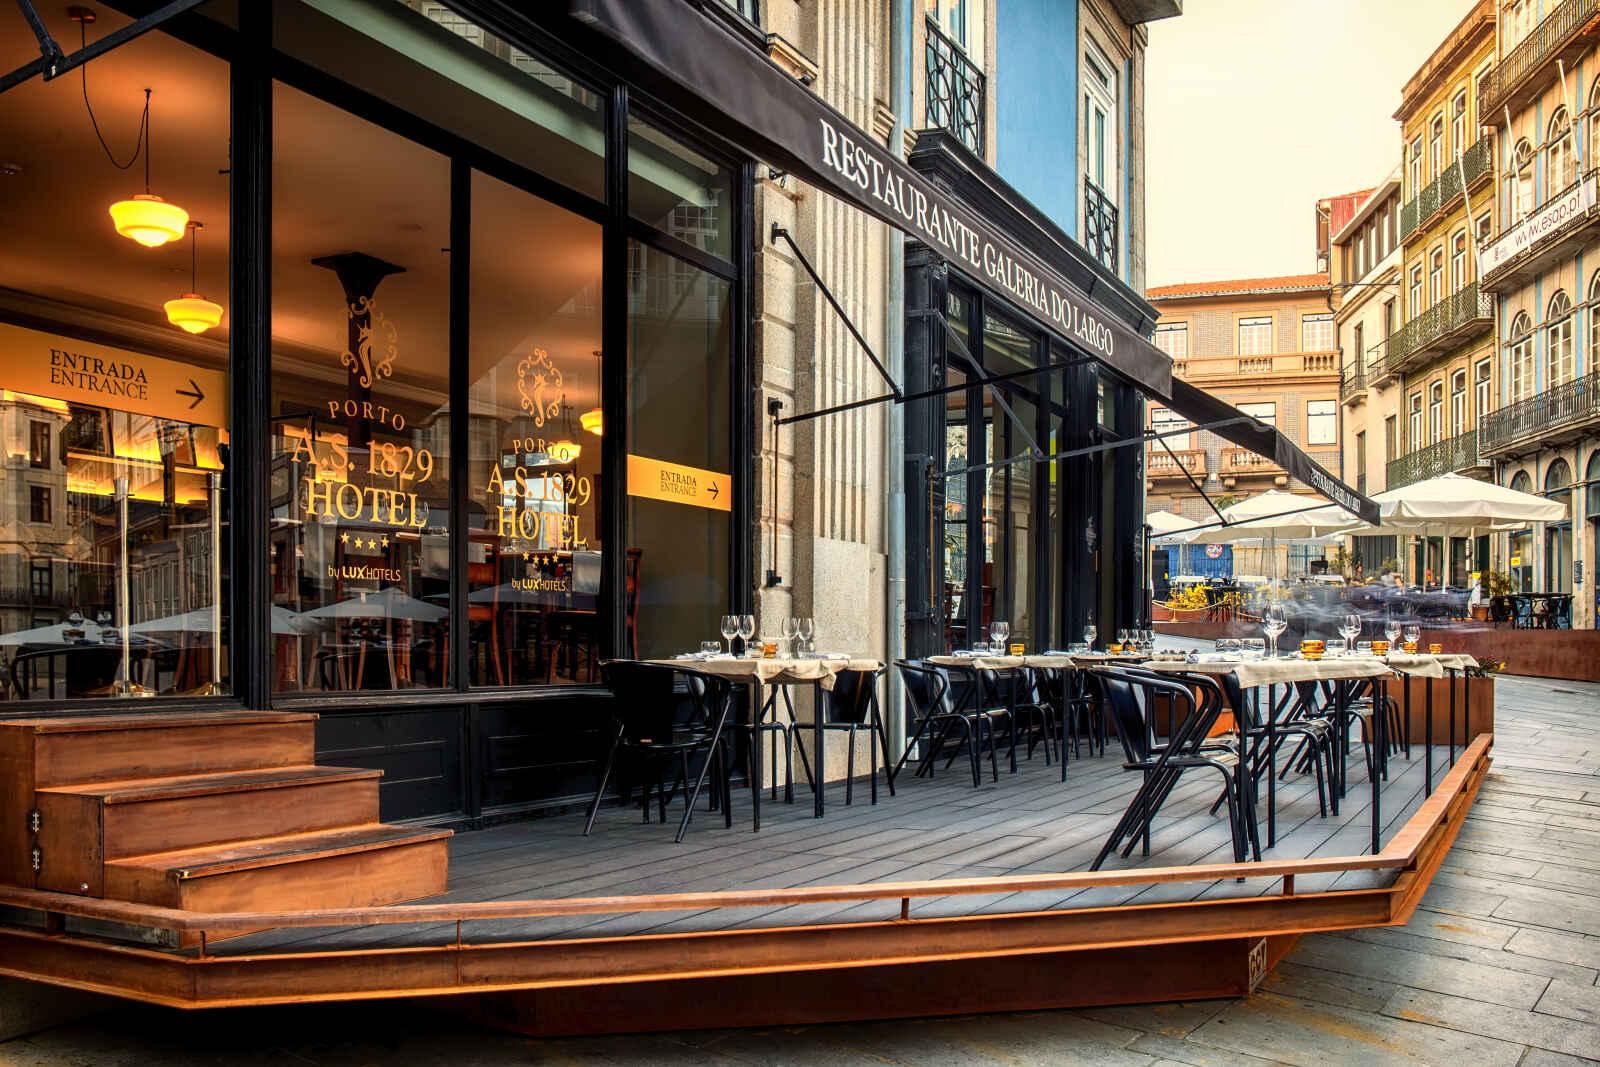 Portugal : Porto A.S. 1829 Hotel